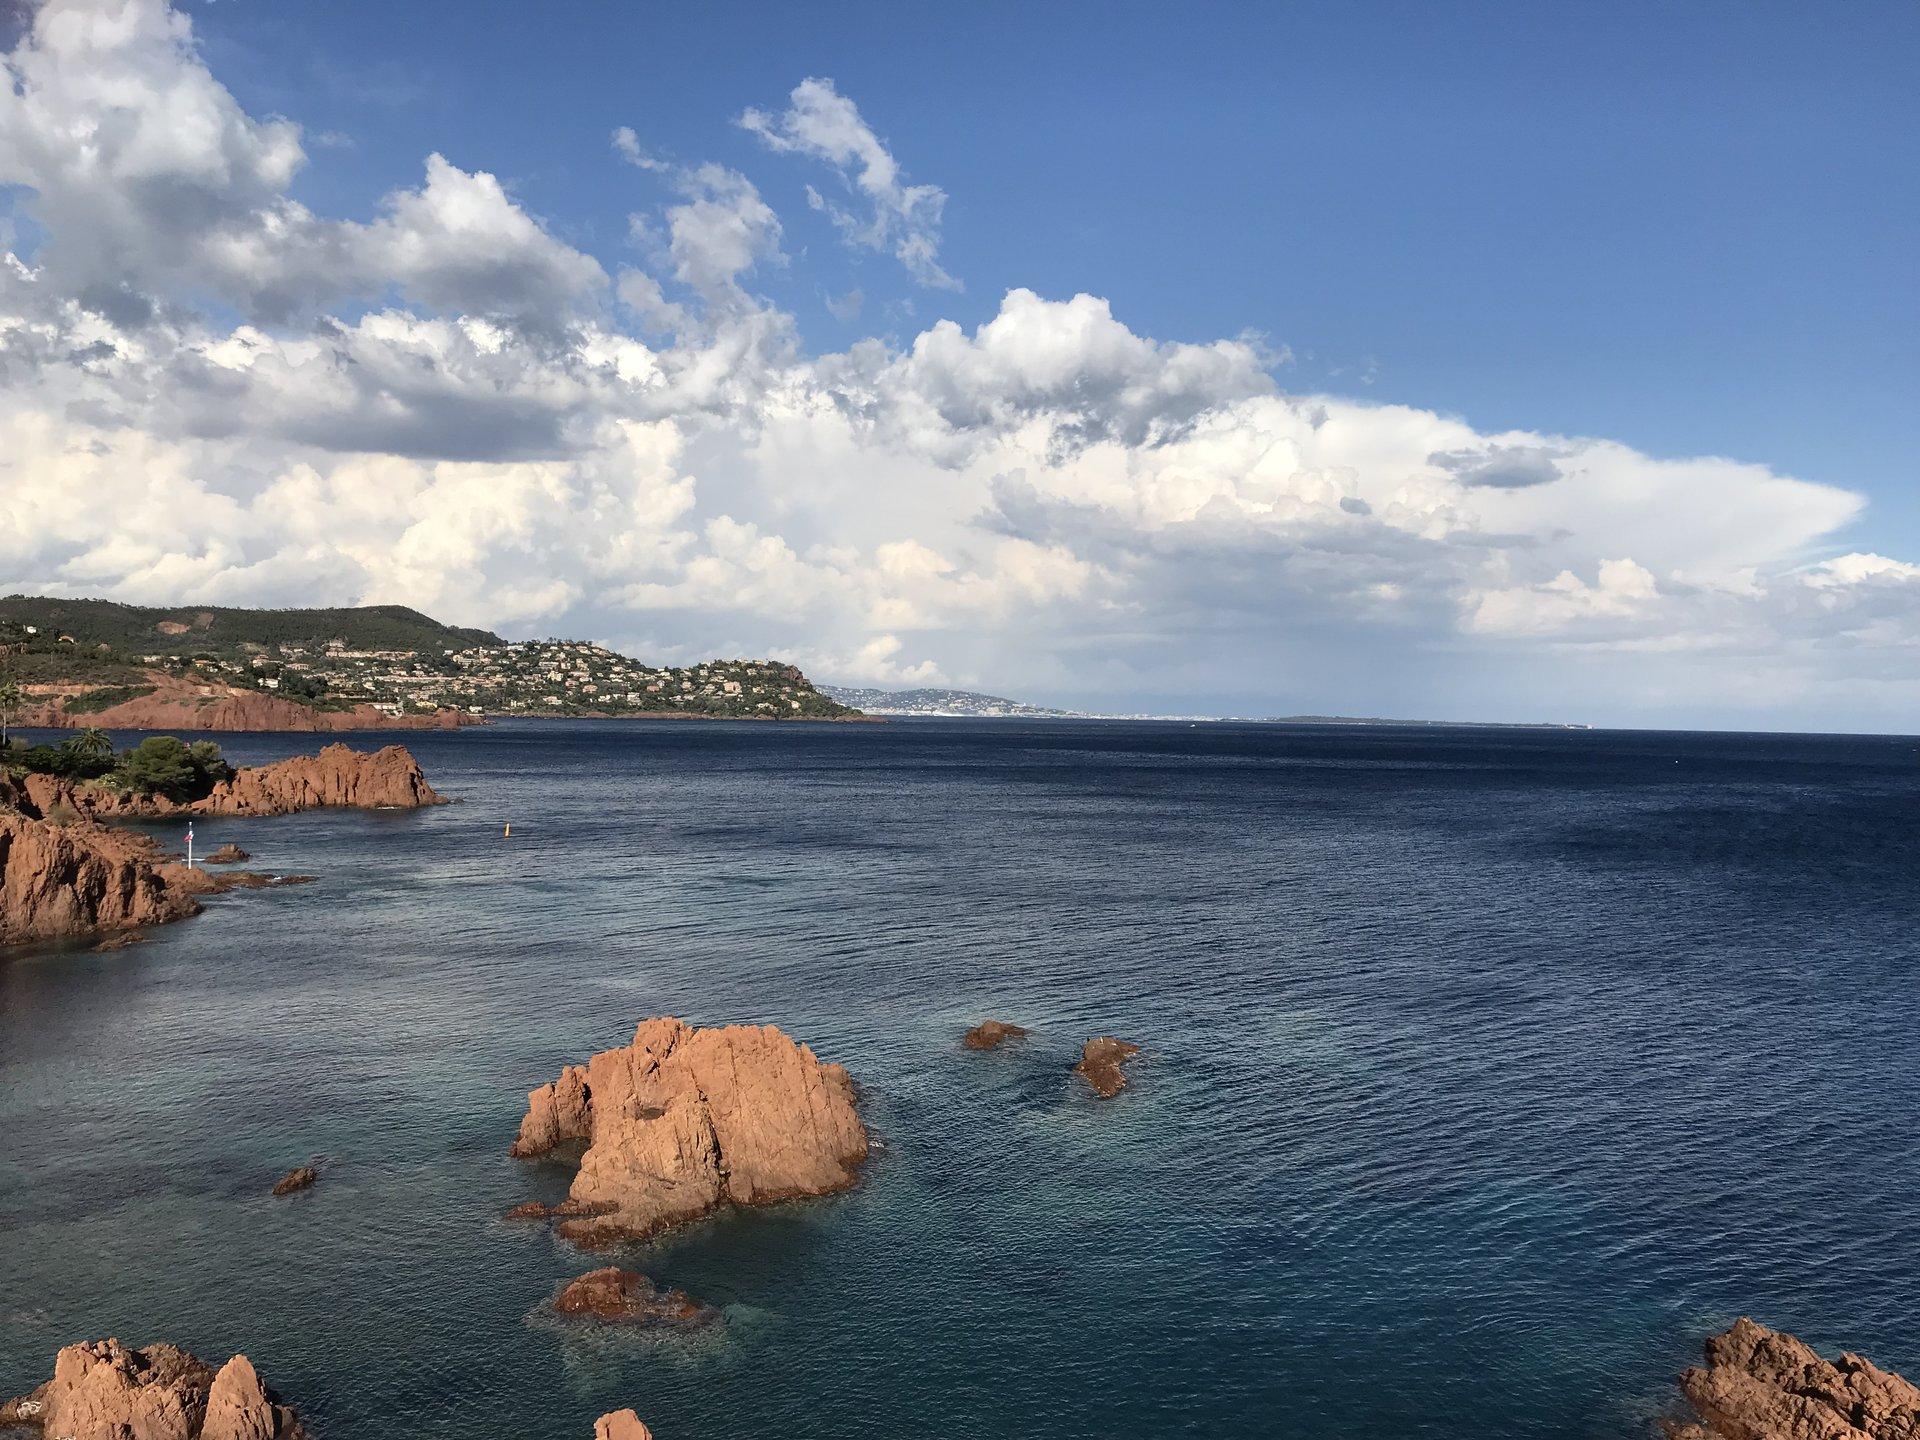 Amplio estudio con vista al mar y estacionamiento seguro